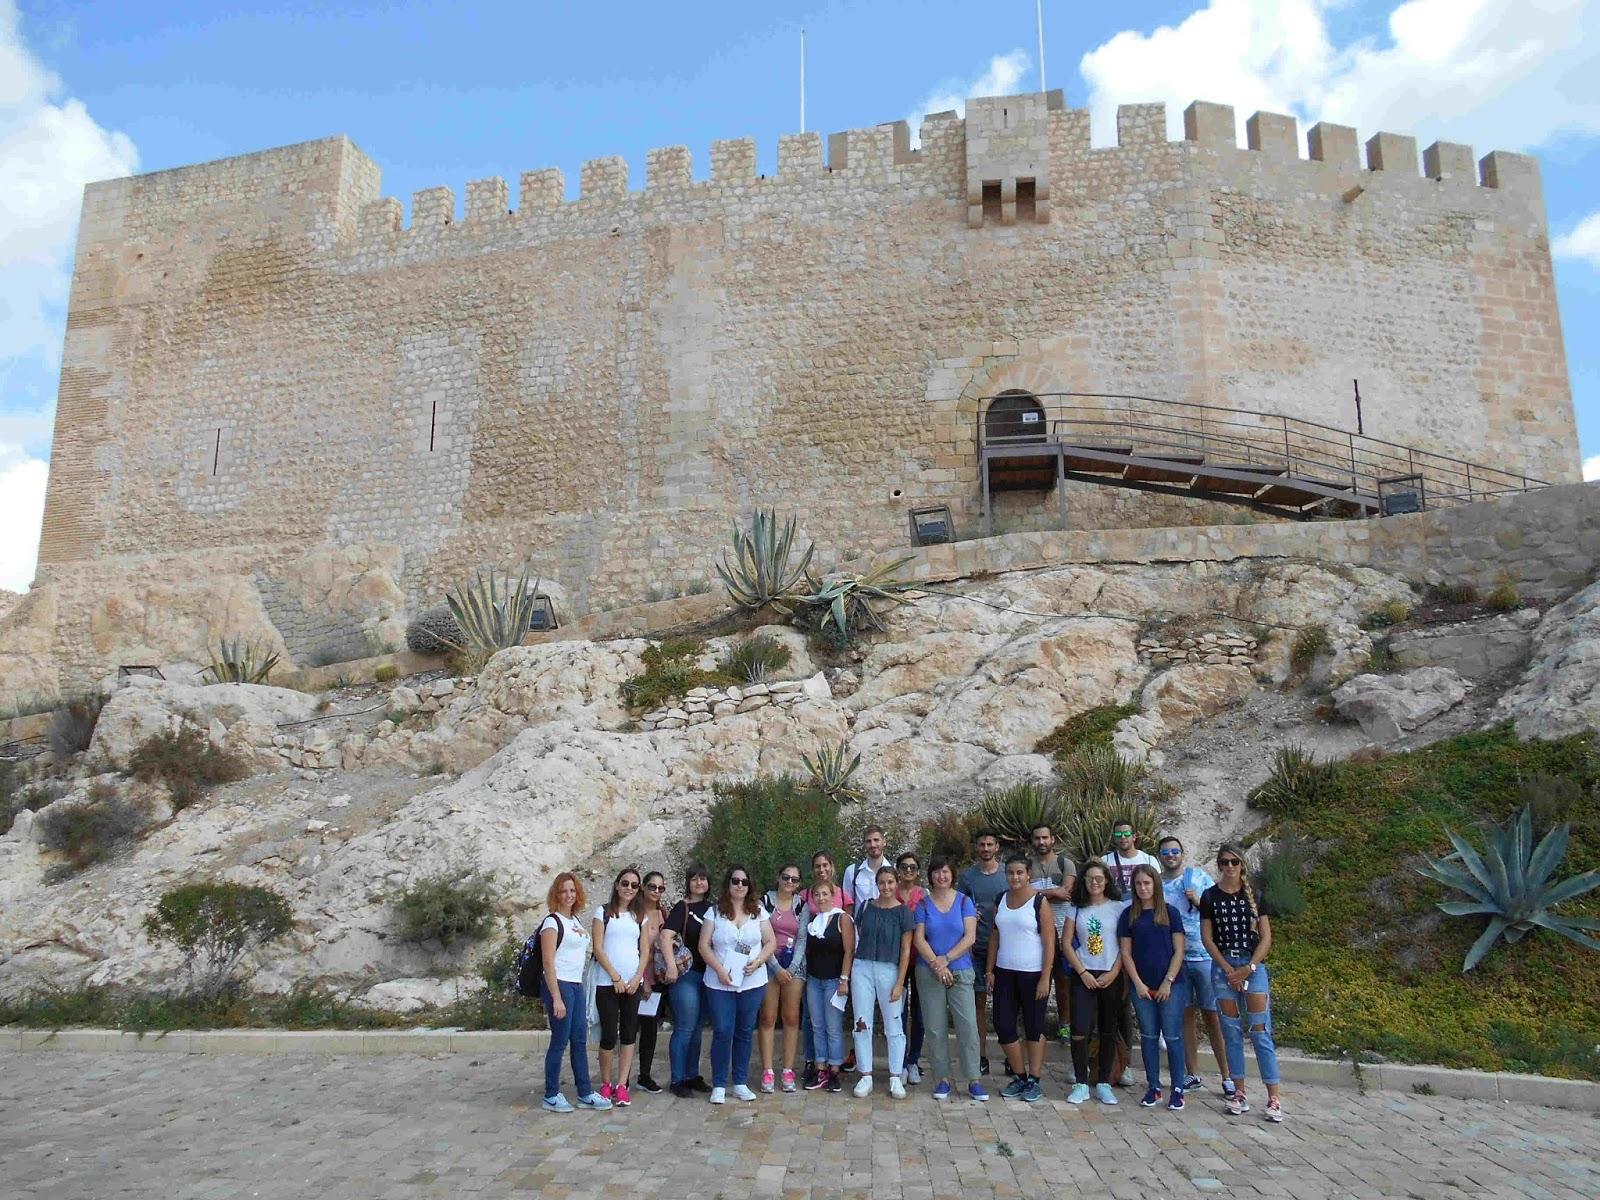 Museo d maso navarro visita al castillo y a las casas cueva de la muralla de estudiantes de - Navalon turistico ...